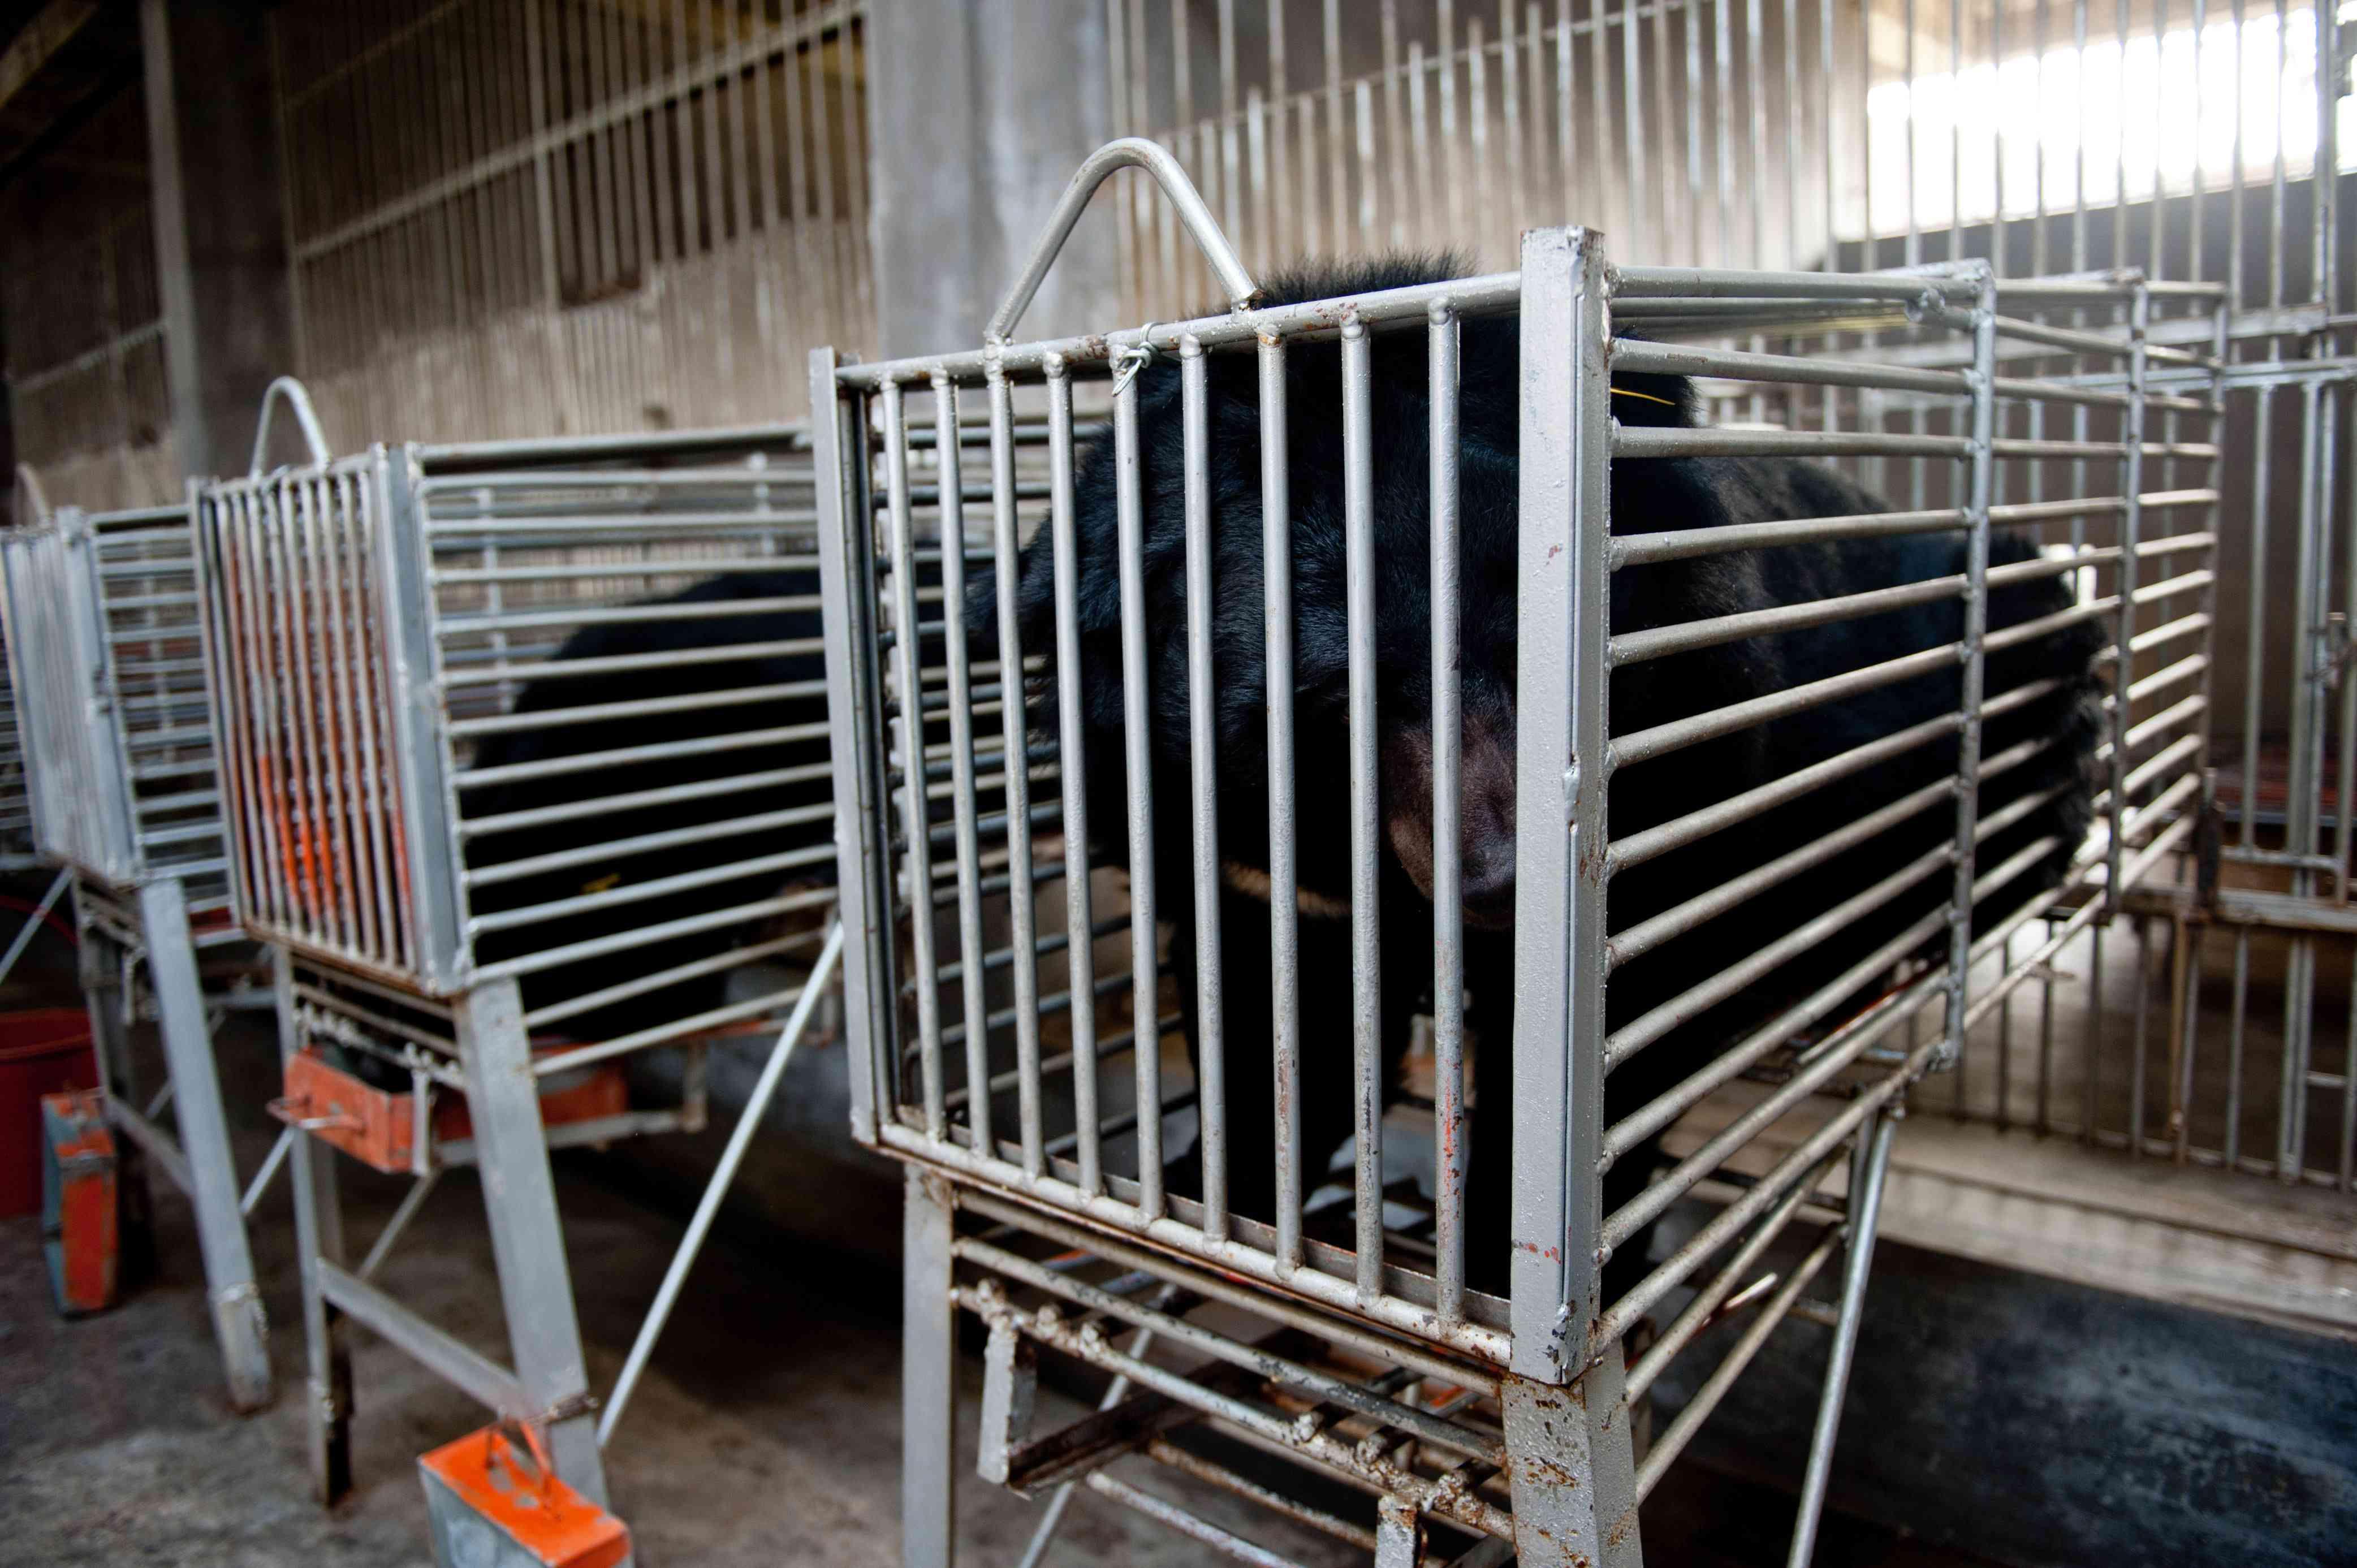 bear bile farm in China